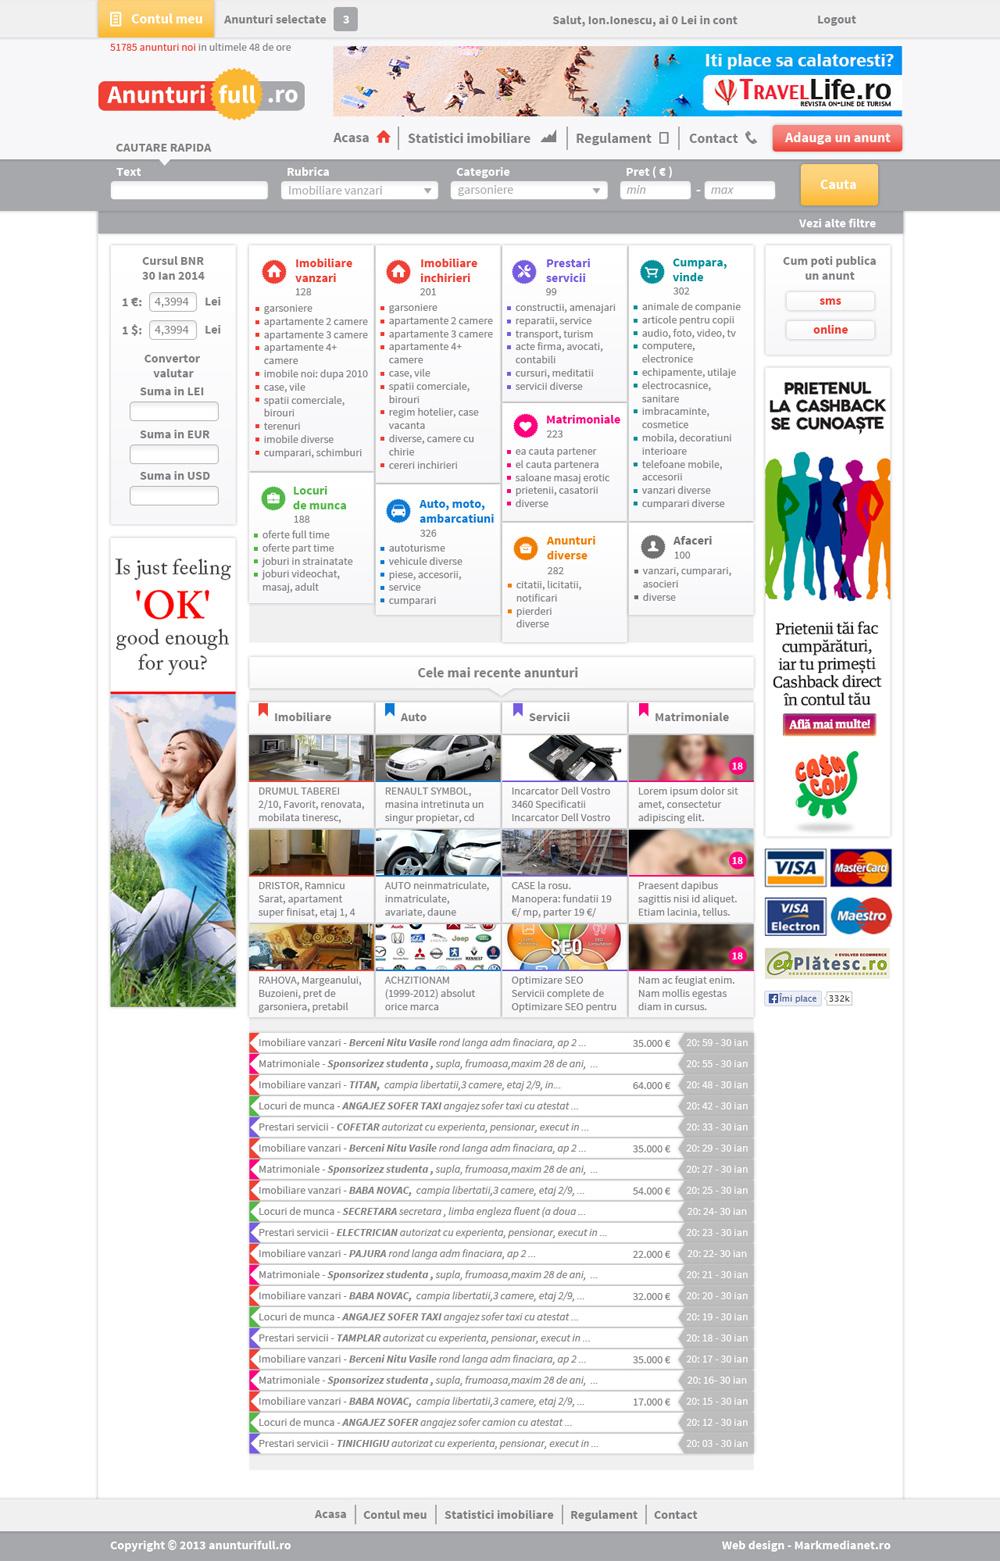 Anunturifull.ro - portal de anunturi gratuite